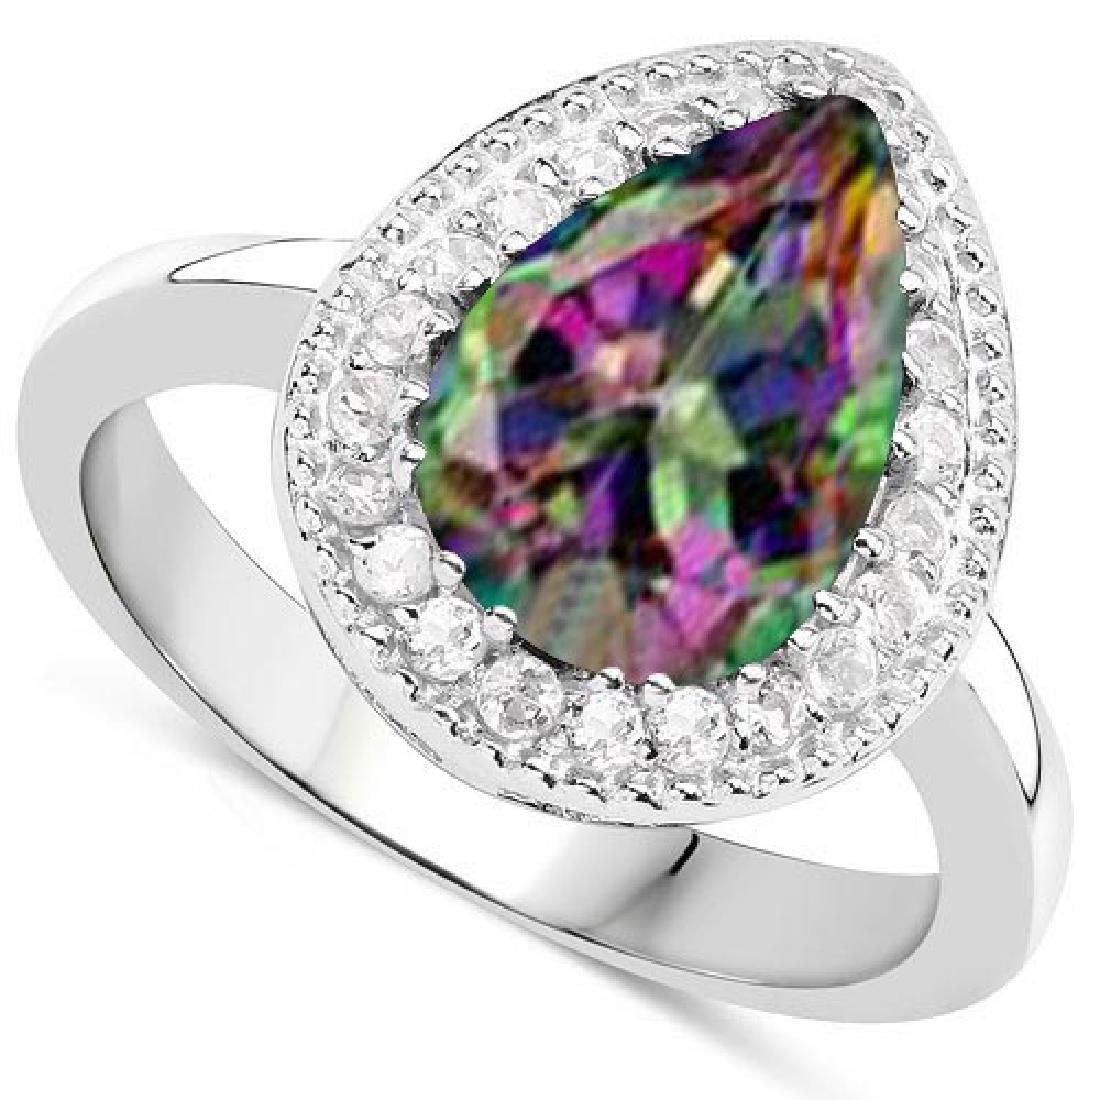 Certified 3.40 CTW Genuine Mystic Topaz And Diamond 14K